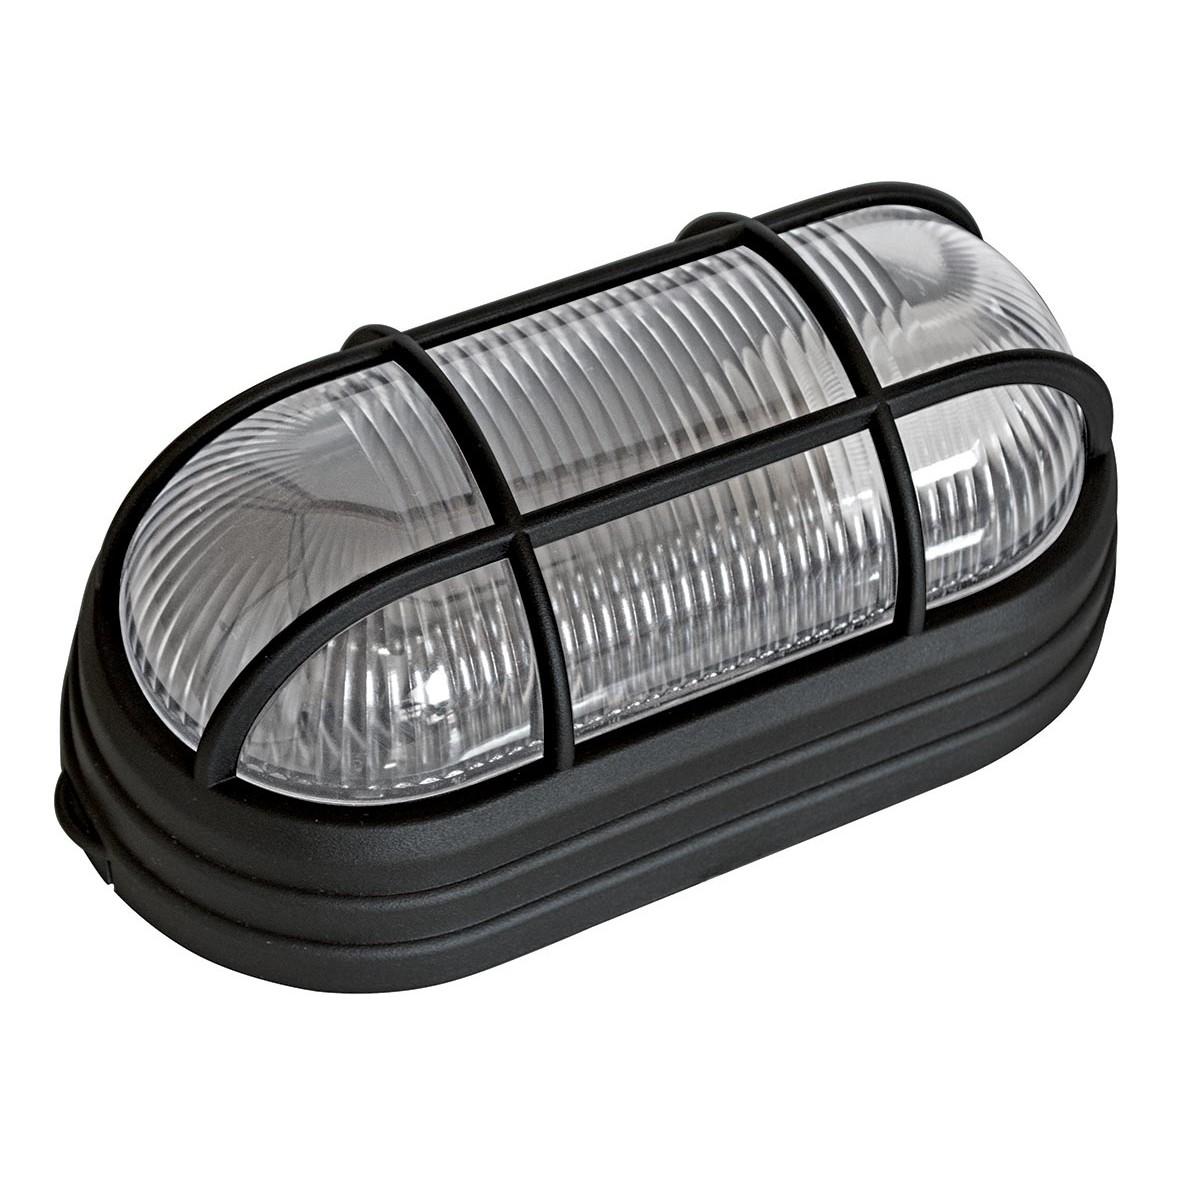 Luminaria Plastica Tartaruga com Grade Bivolt Preto - Dital